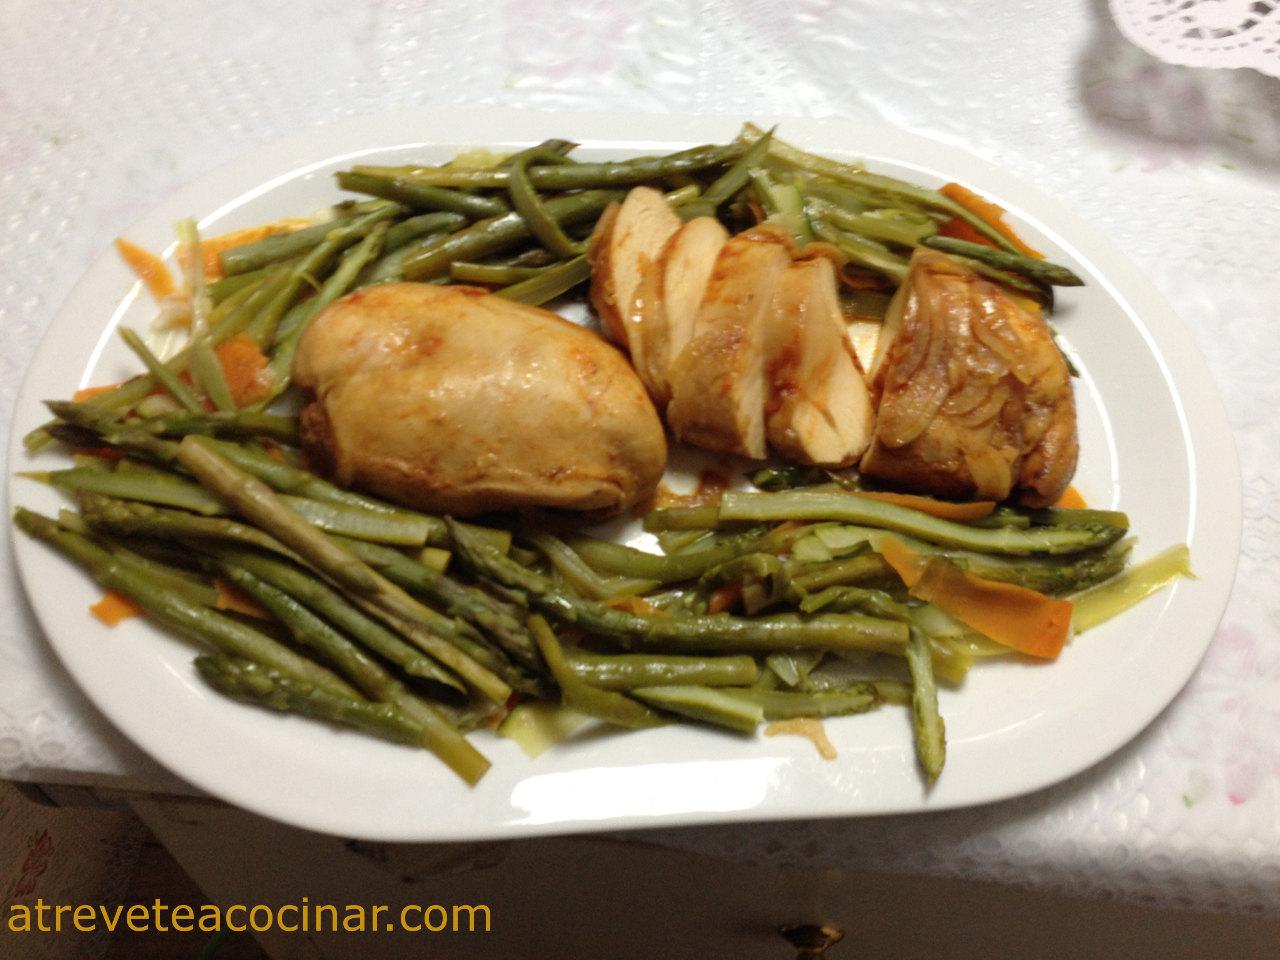 Atr vete a cocinar papillote de pollo a la pimienta con - Atrevete a cocinar ...